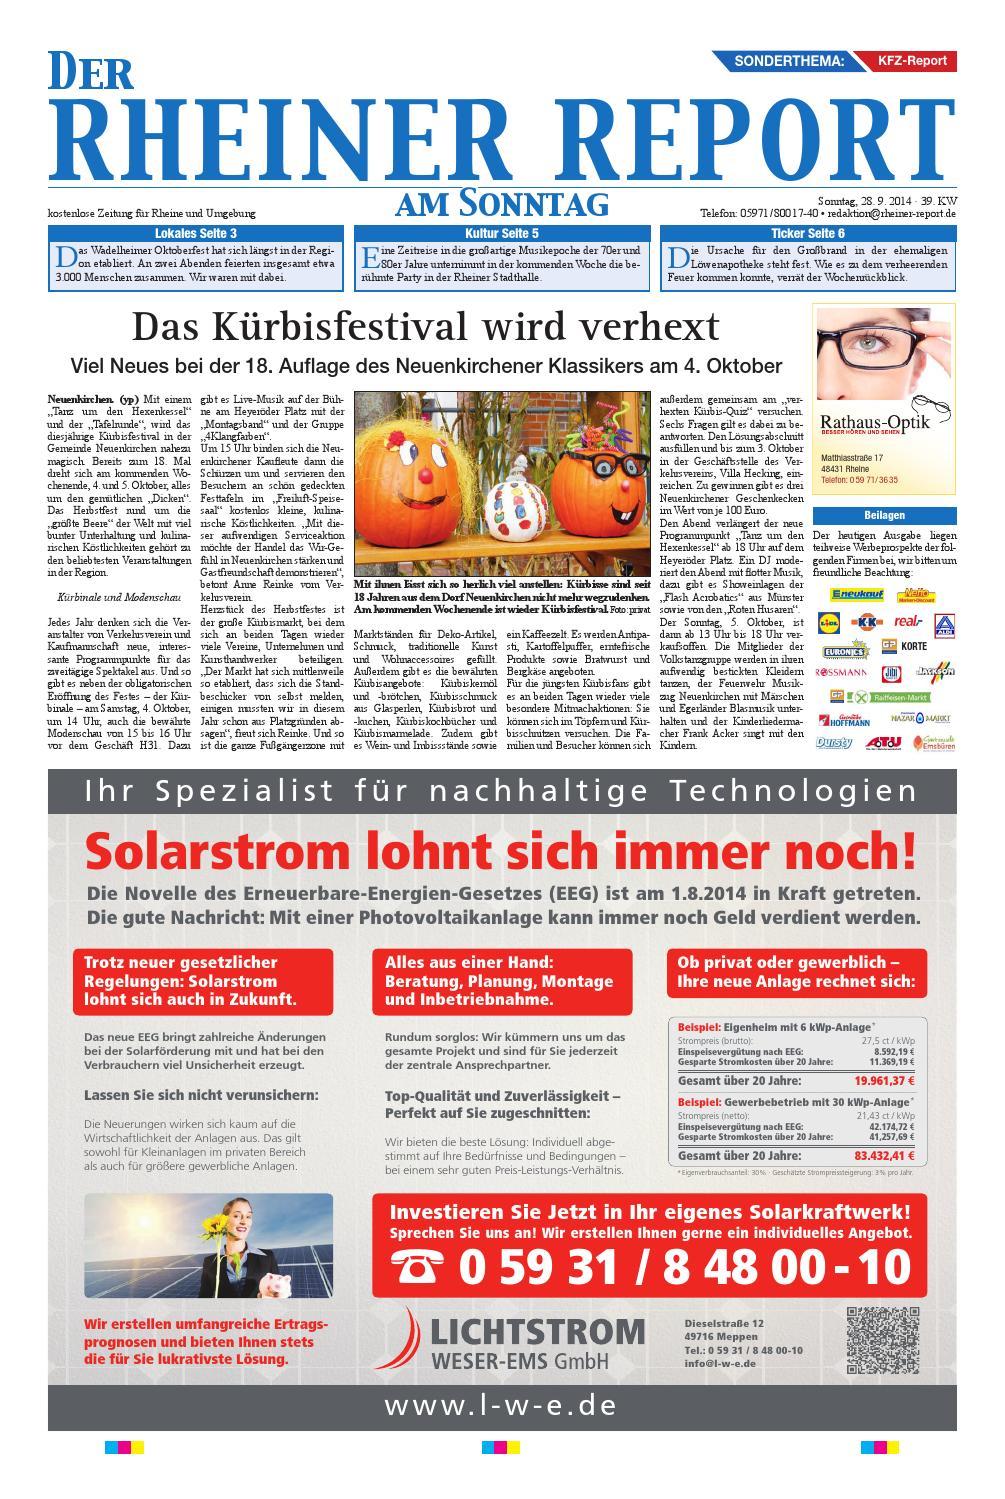 KW39-2014 by Rheiner Report GmbH - issuu